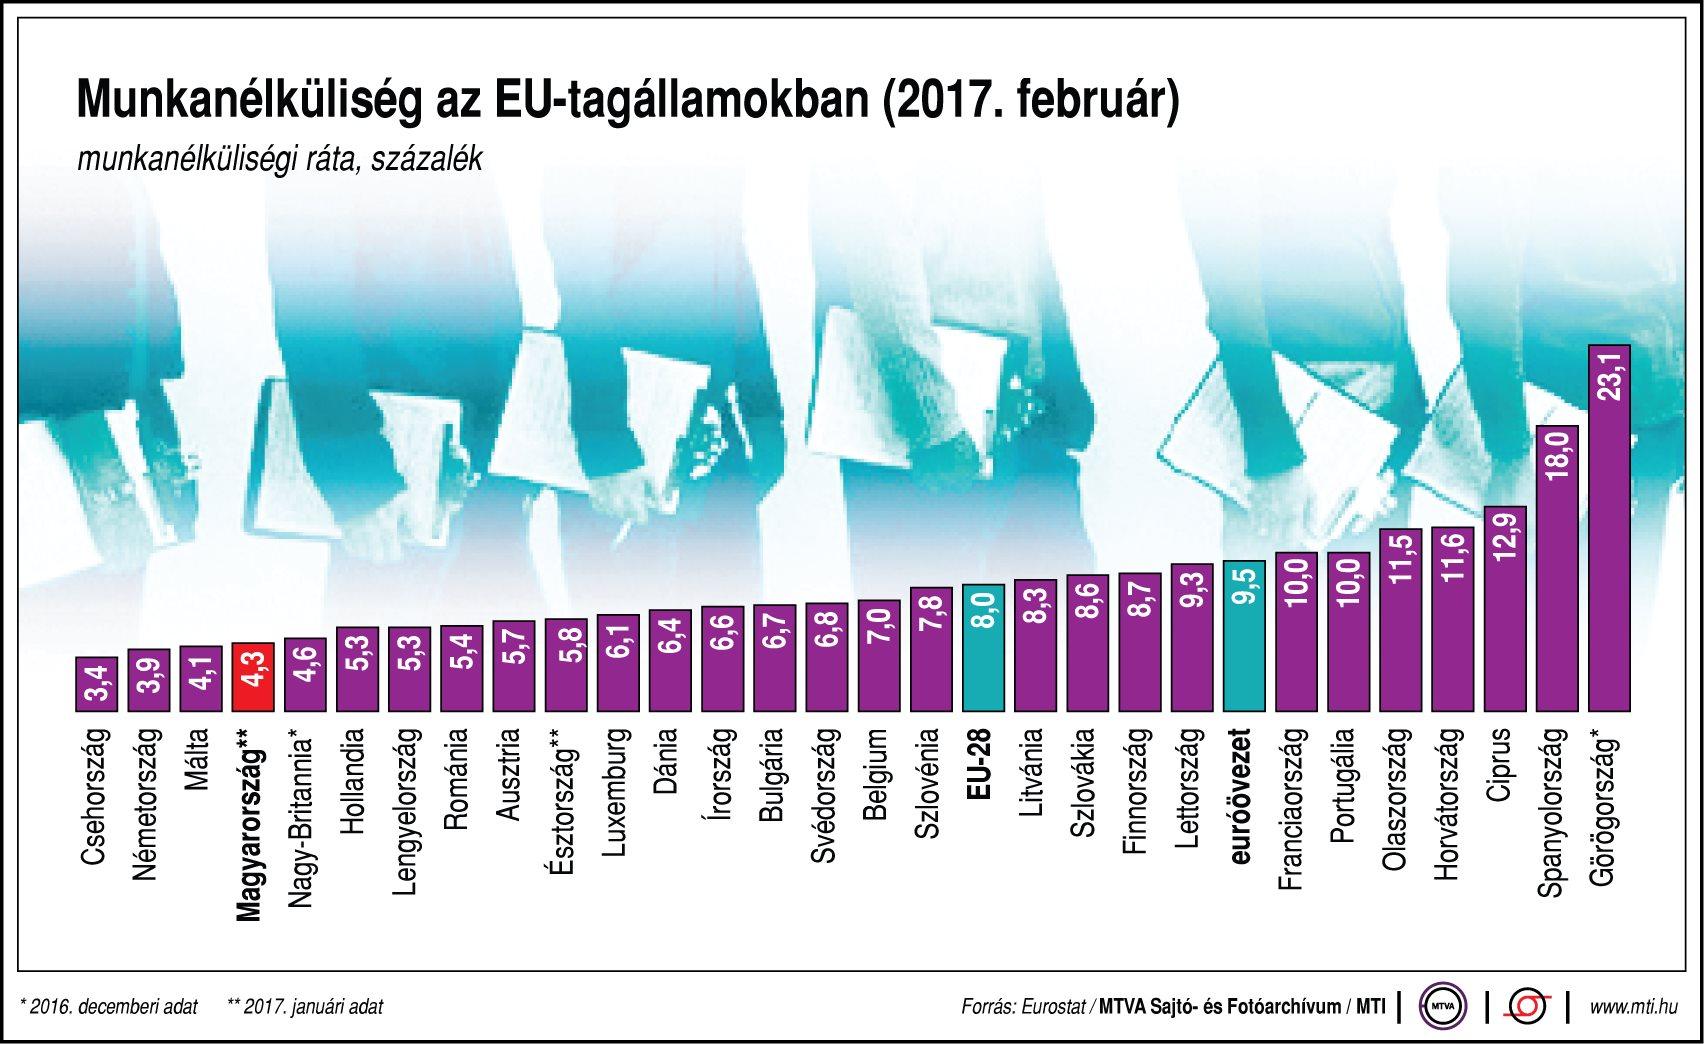 Munkanélküliség az EU-tagállamokban - egy ábrán